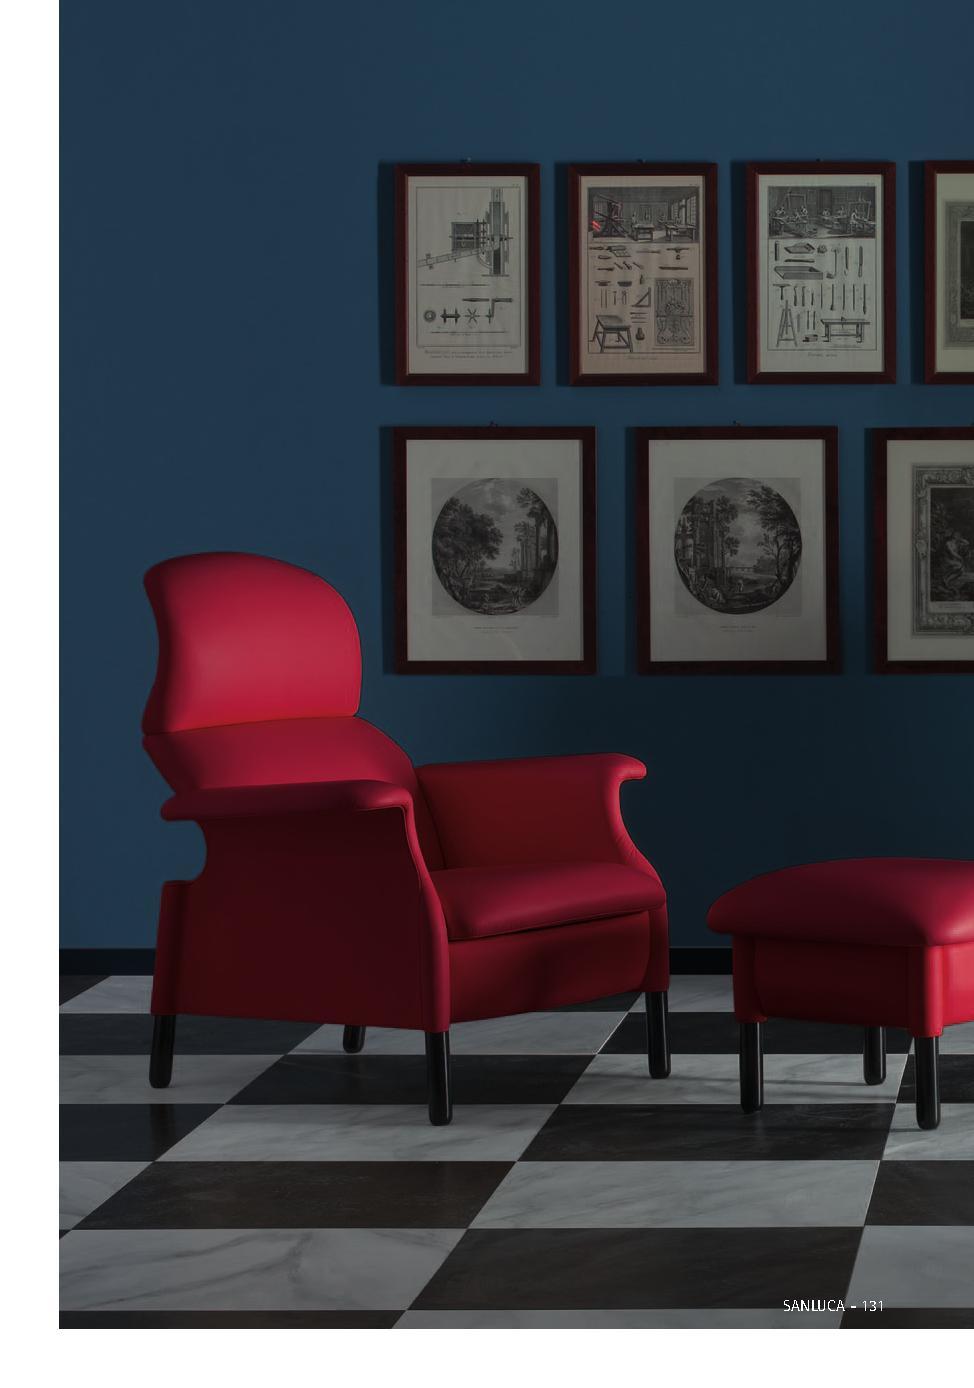 Poltrona Frau-休闲单人沙发椅